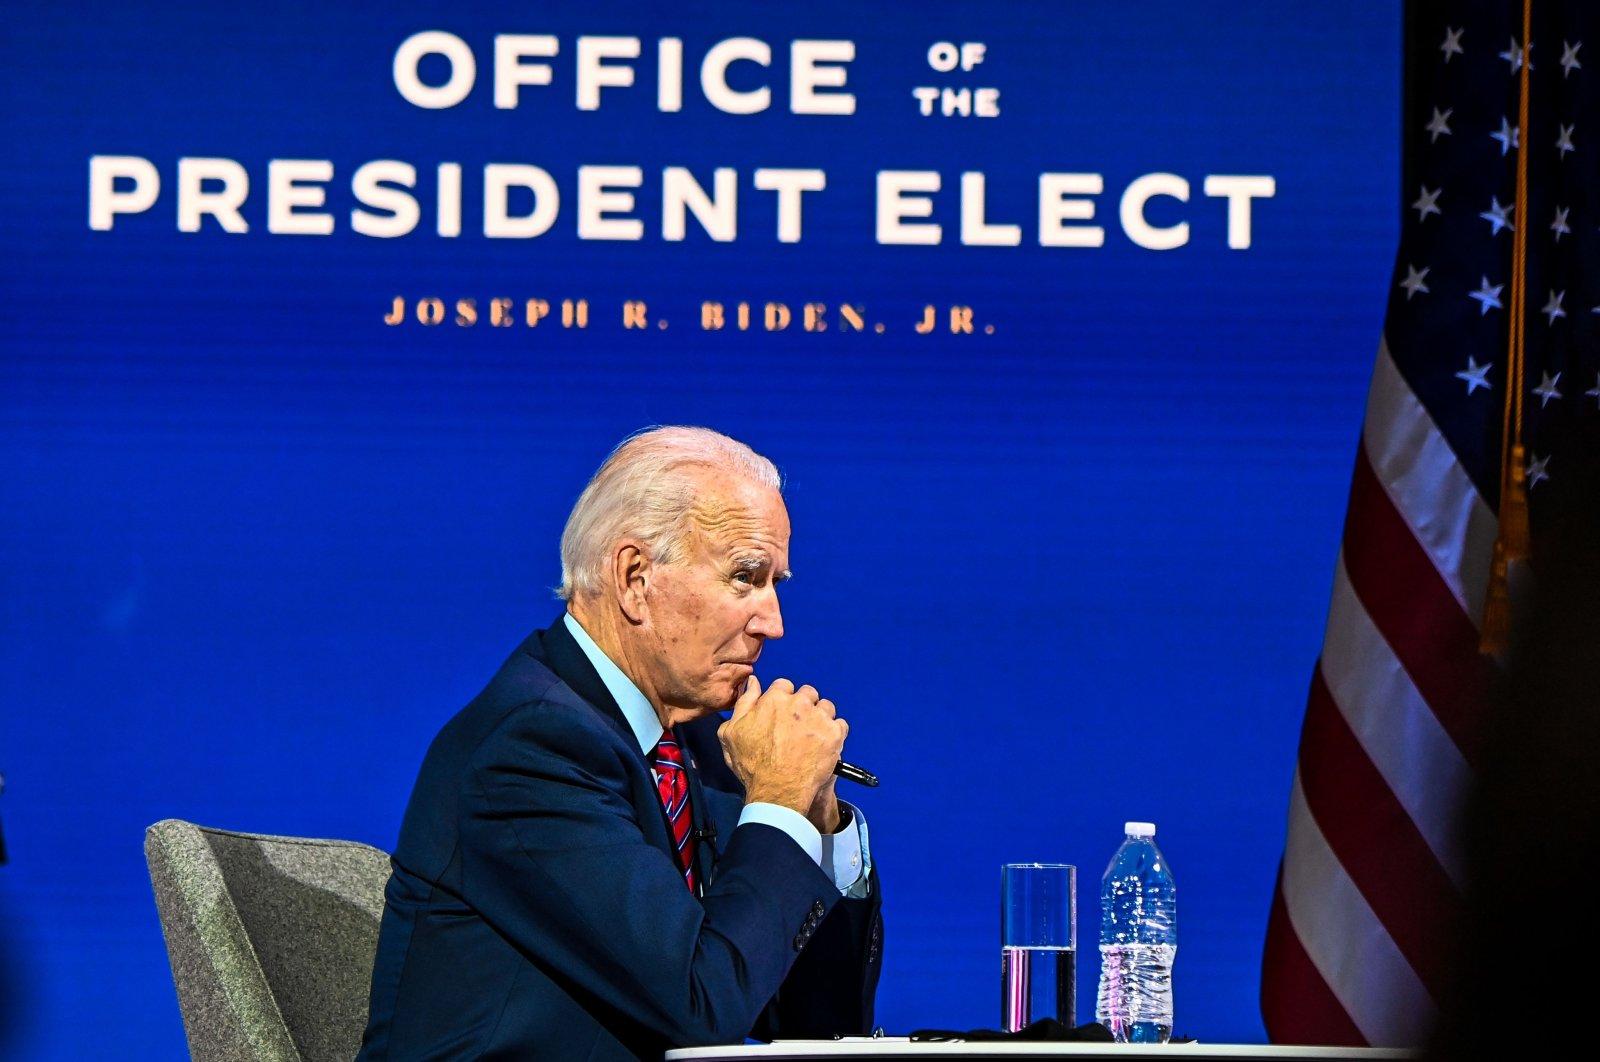 U.S. President-elect Joe Biden participates in a virtual meeting, Wilmington, Delaware, Nov. 23, 2020. (AFP Photo)